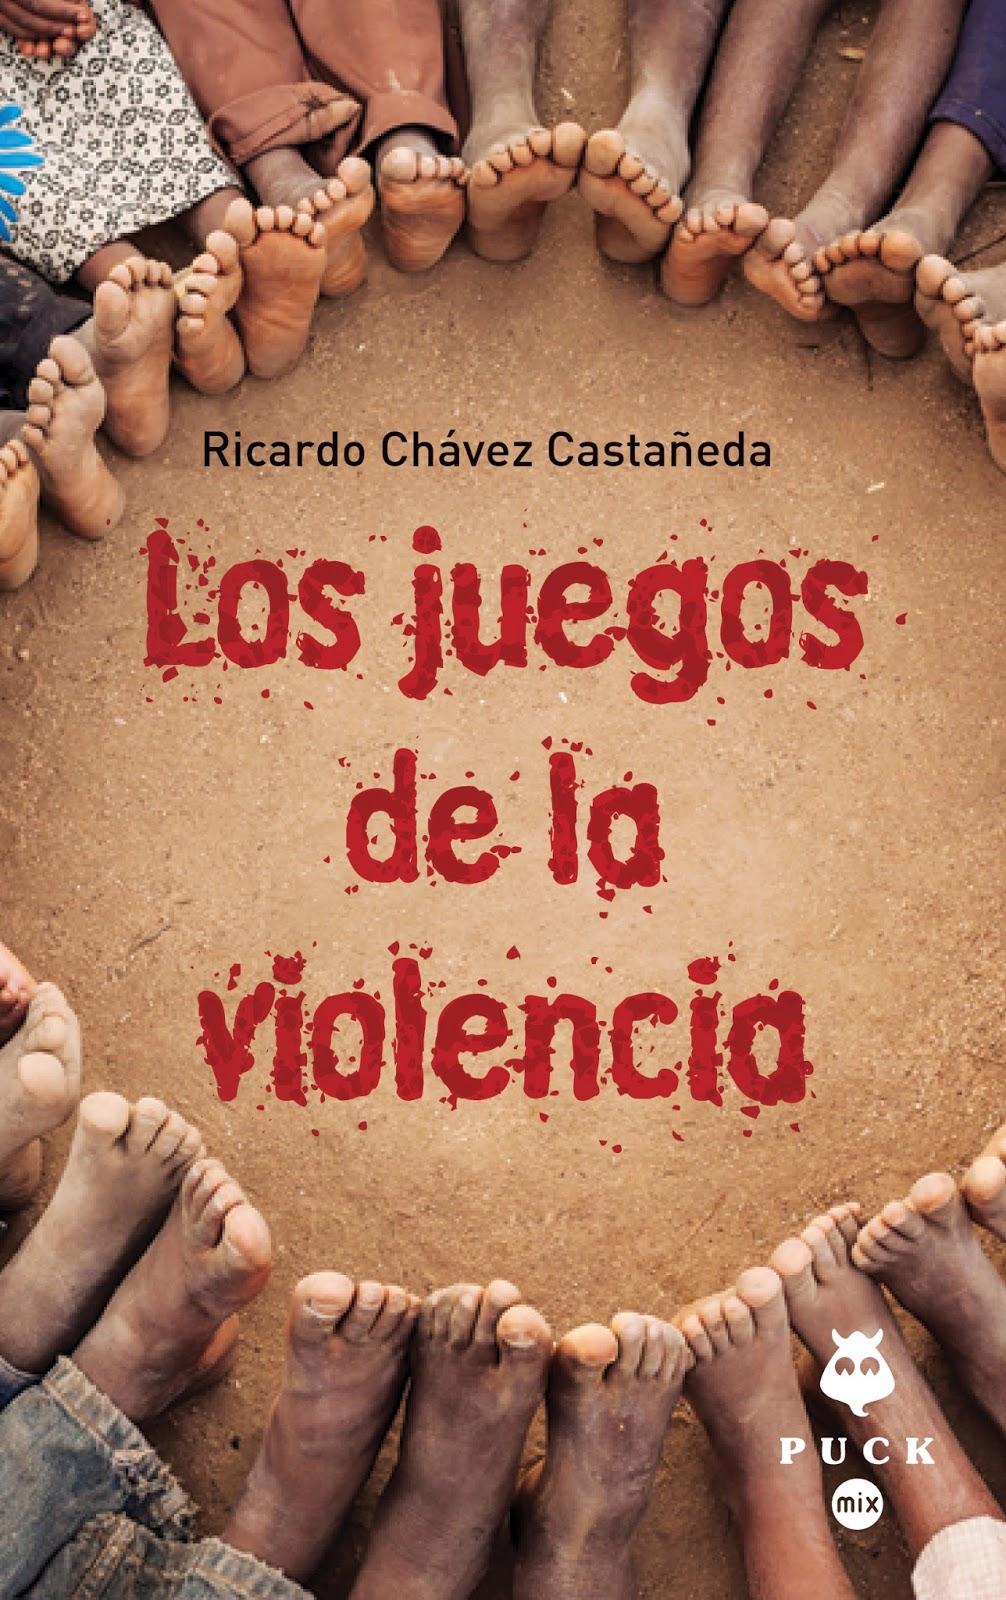 Los_juegos_de_la_violencia,_Ricardo_Chávez_Castañeda